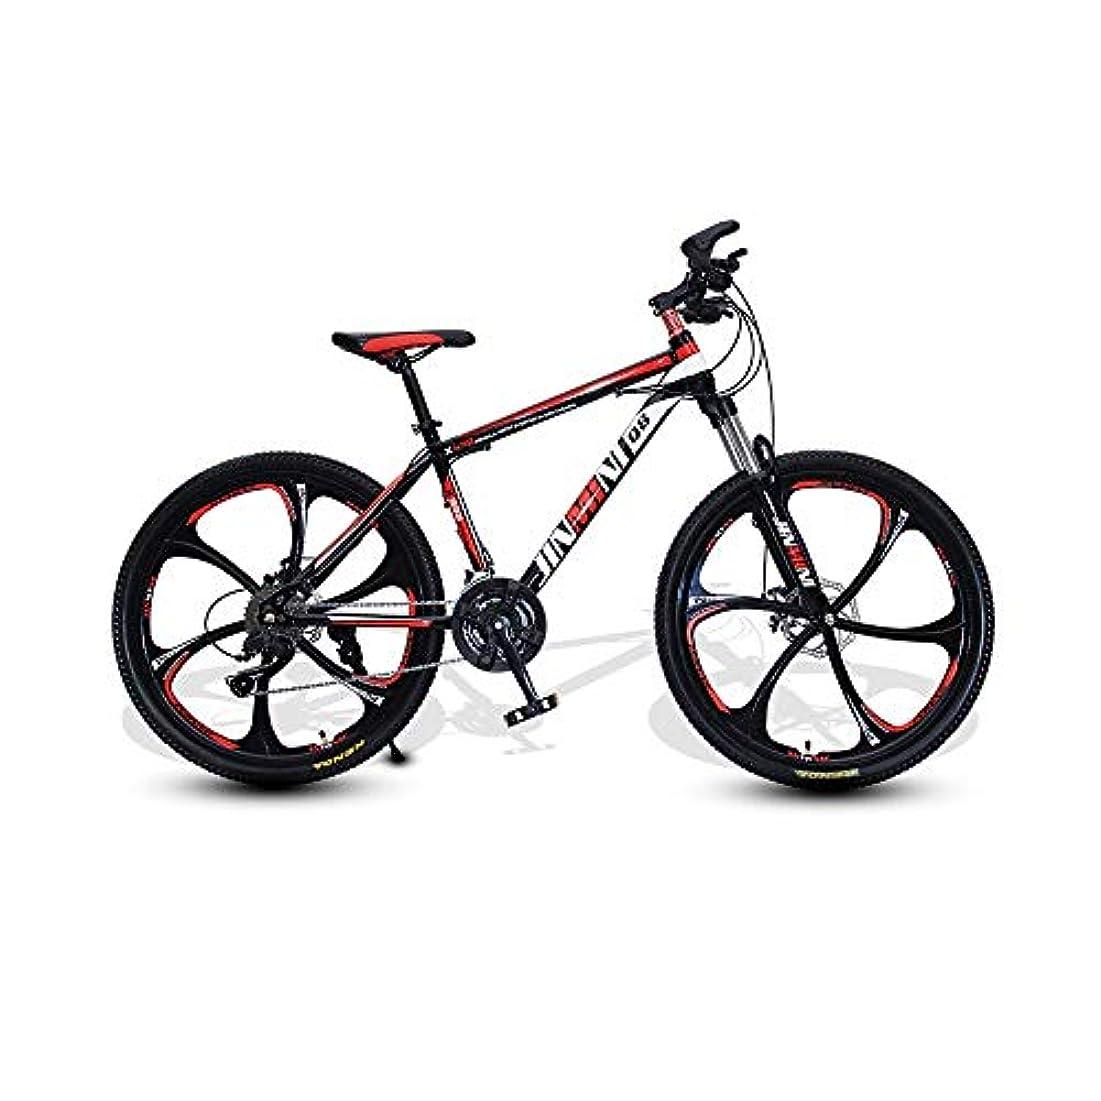 外国人注入する敬なLRHD マウンテン自転車、21/24/27スピード自転車アダルト24/26インチのスポークホイールMTBバイクダブルディスクブレーキ高炭素鋼フレームの複数の可変速度オプションアーバントラックバイク大人のギフト